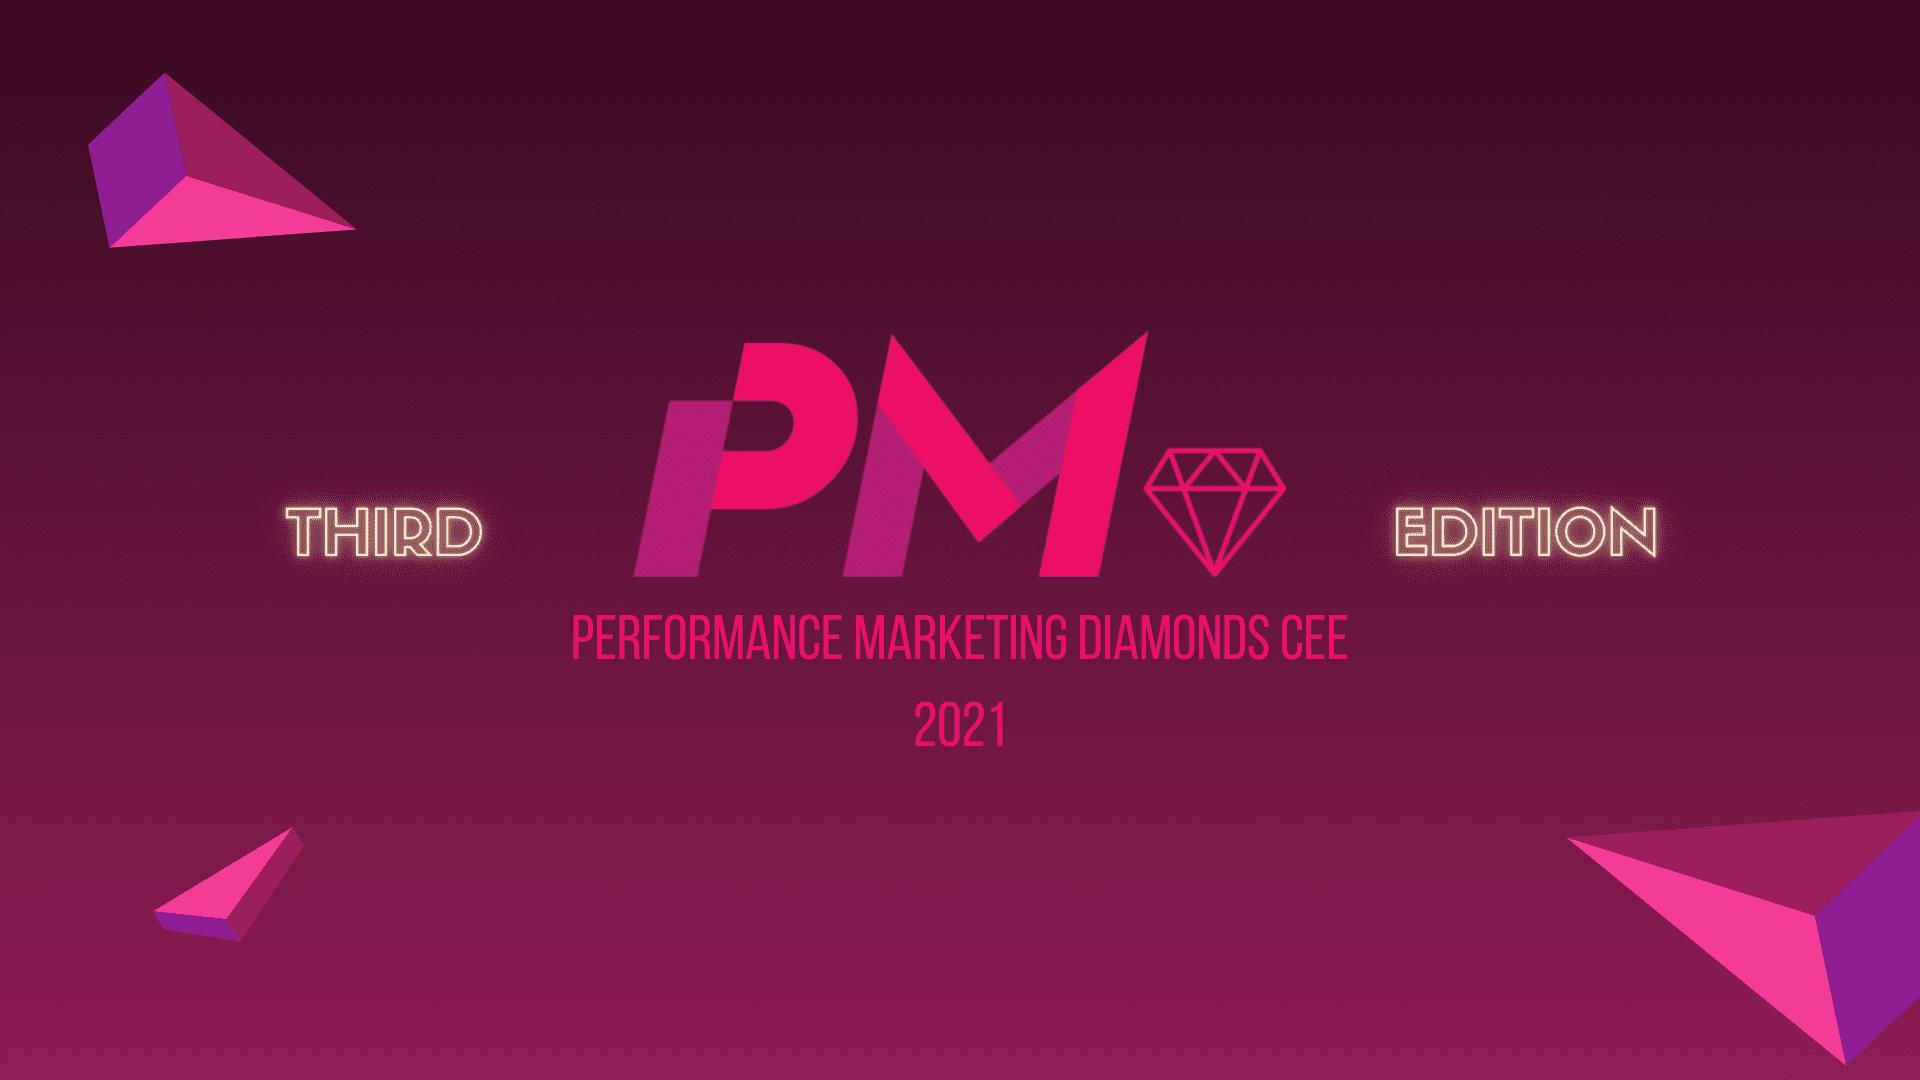 Znamy laureatów III edycji konkursu Performance Marketing Diamonds CEE 2021